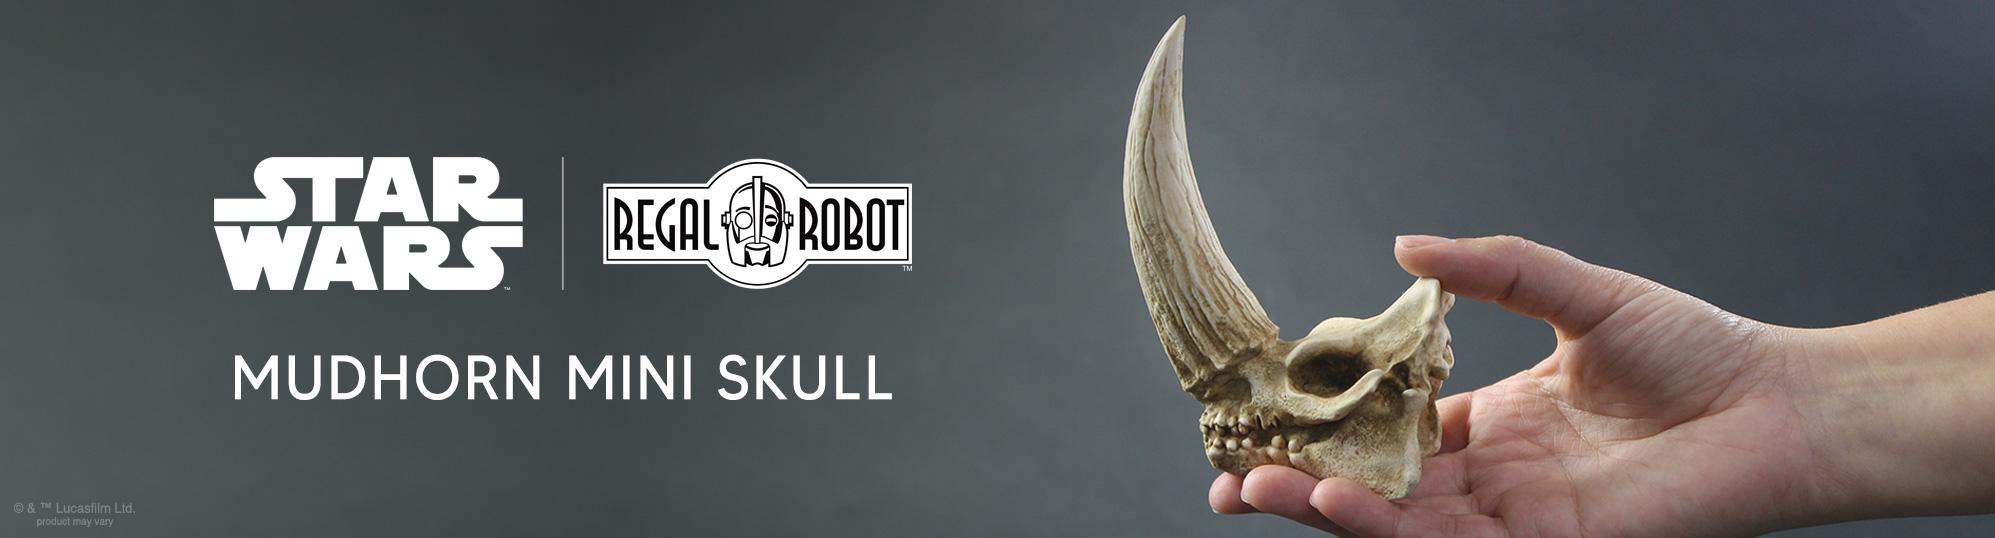 the Mandalorian mudhorn skull sculpture